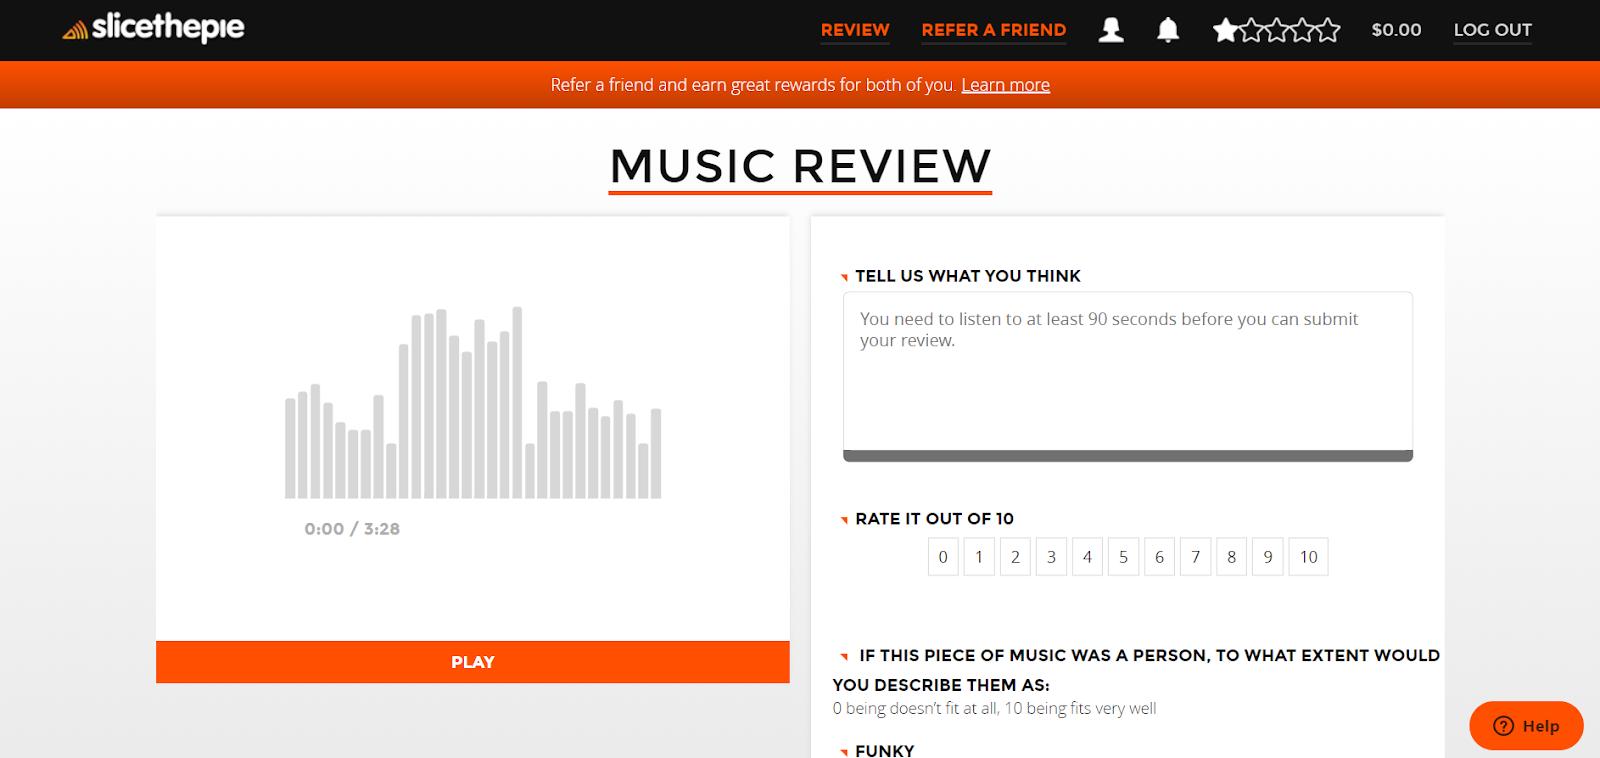 Página de revisión de música de Slicethepie